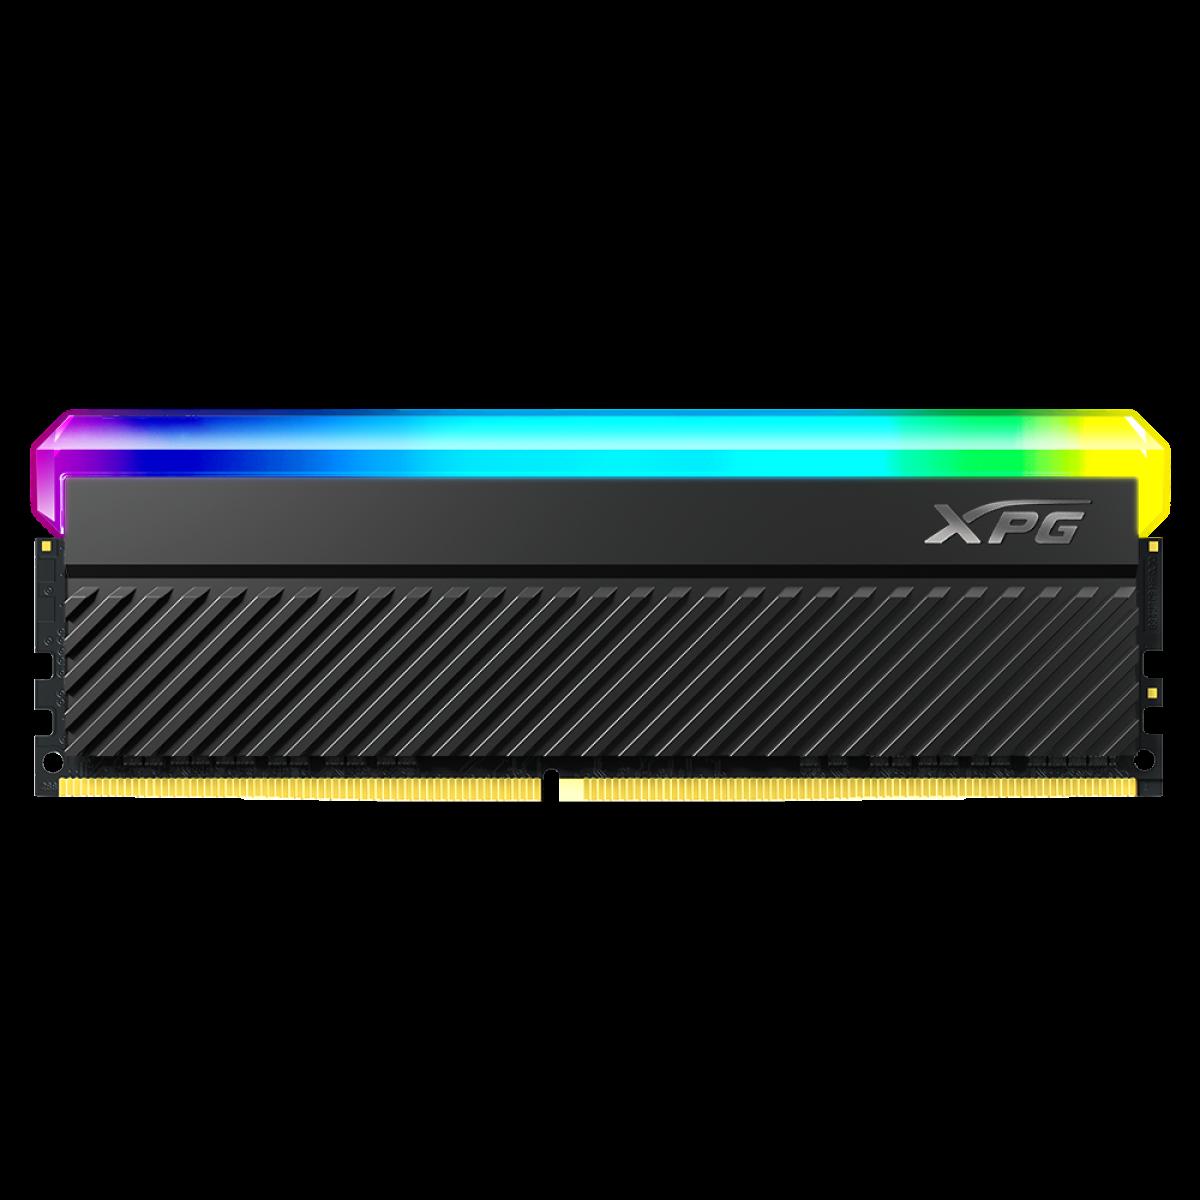 Memória DDR4 XPG Spectrix Gammix D45, RGB, 8GB, 3600MHz, Black, AX4U36008G18I-CBKD45G